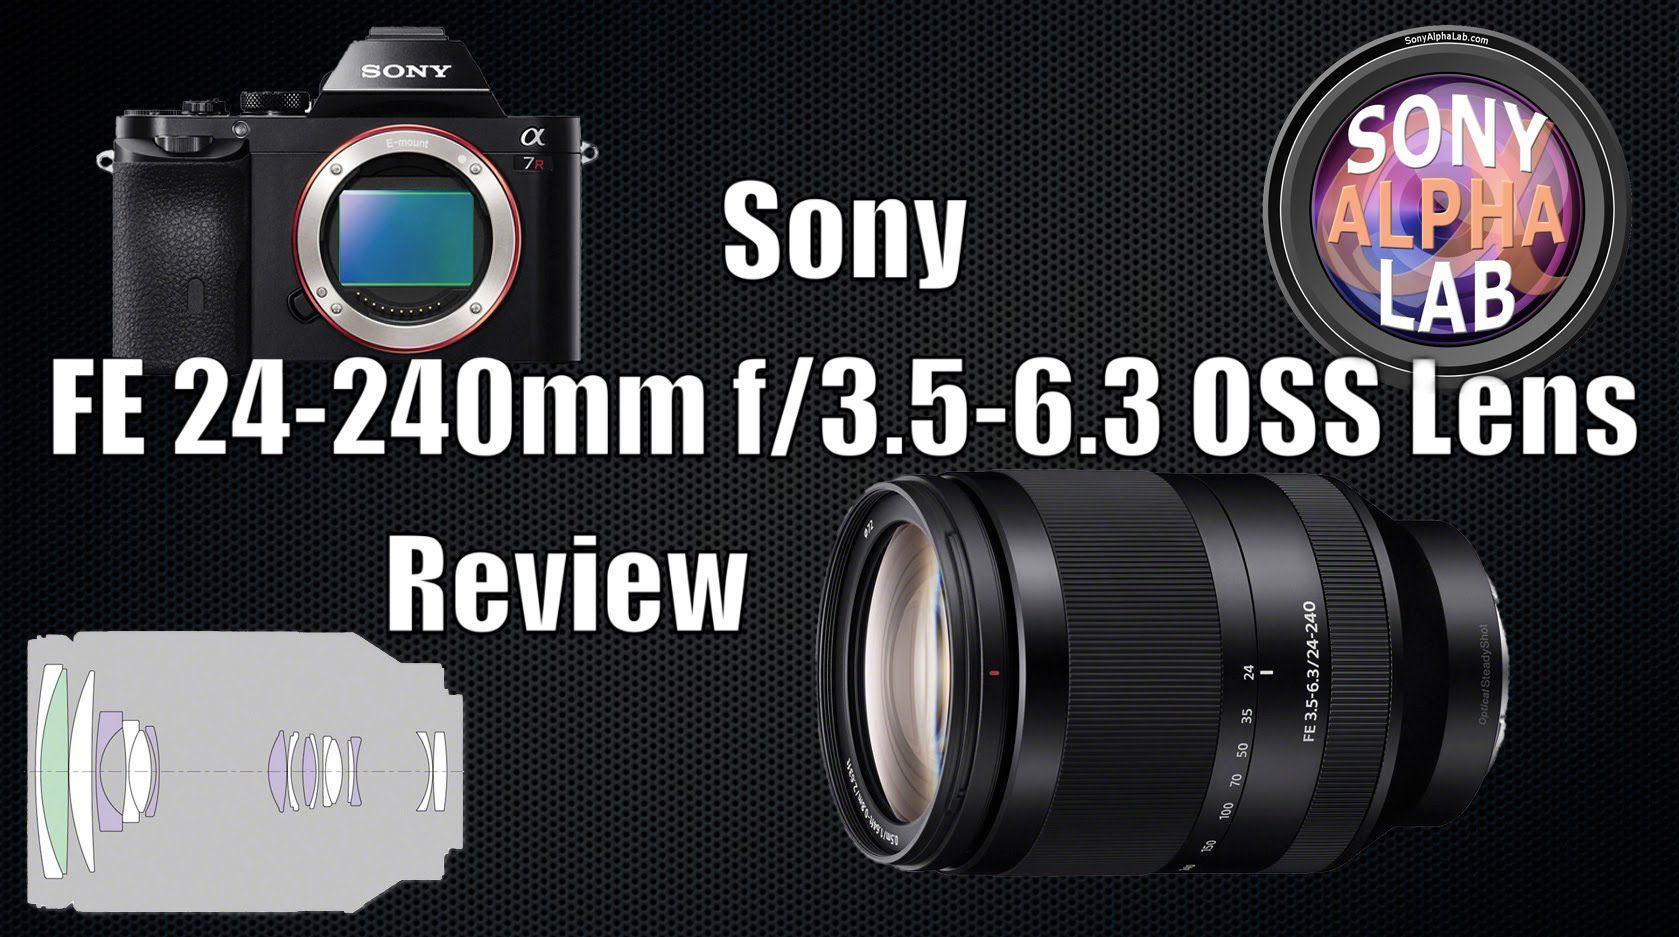 Sony Fe 24 240mm Oss Lens Review Https Www Camerasdirect Com Au Sony Fe 24 240mm F3 5 6 3 Oss Lens Sony Lenses Sony Mirrorless Camera